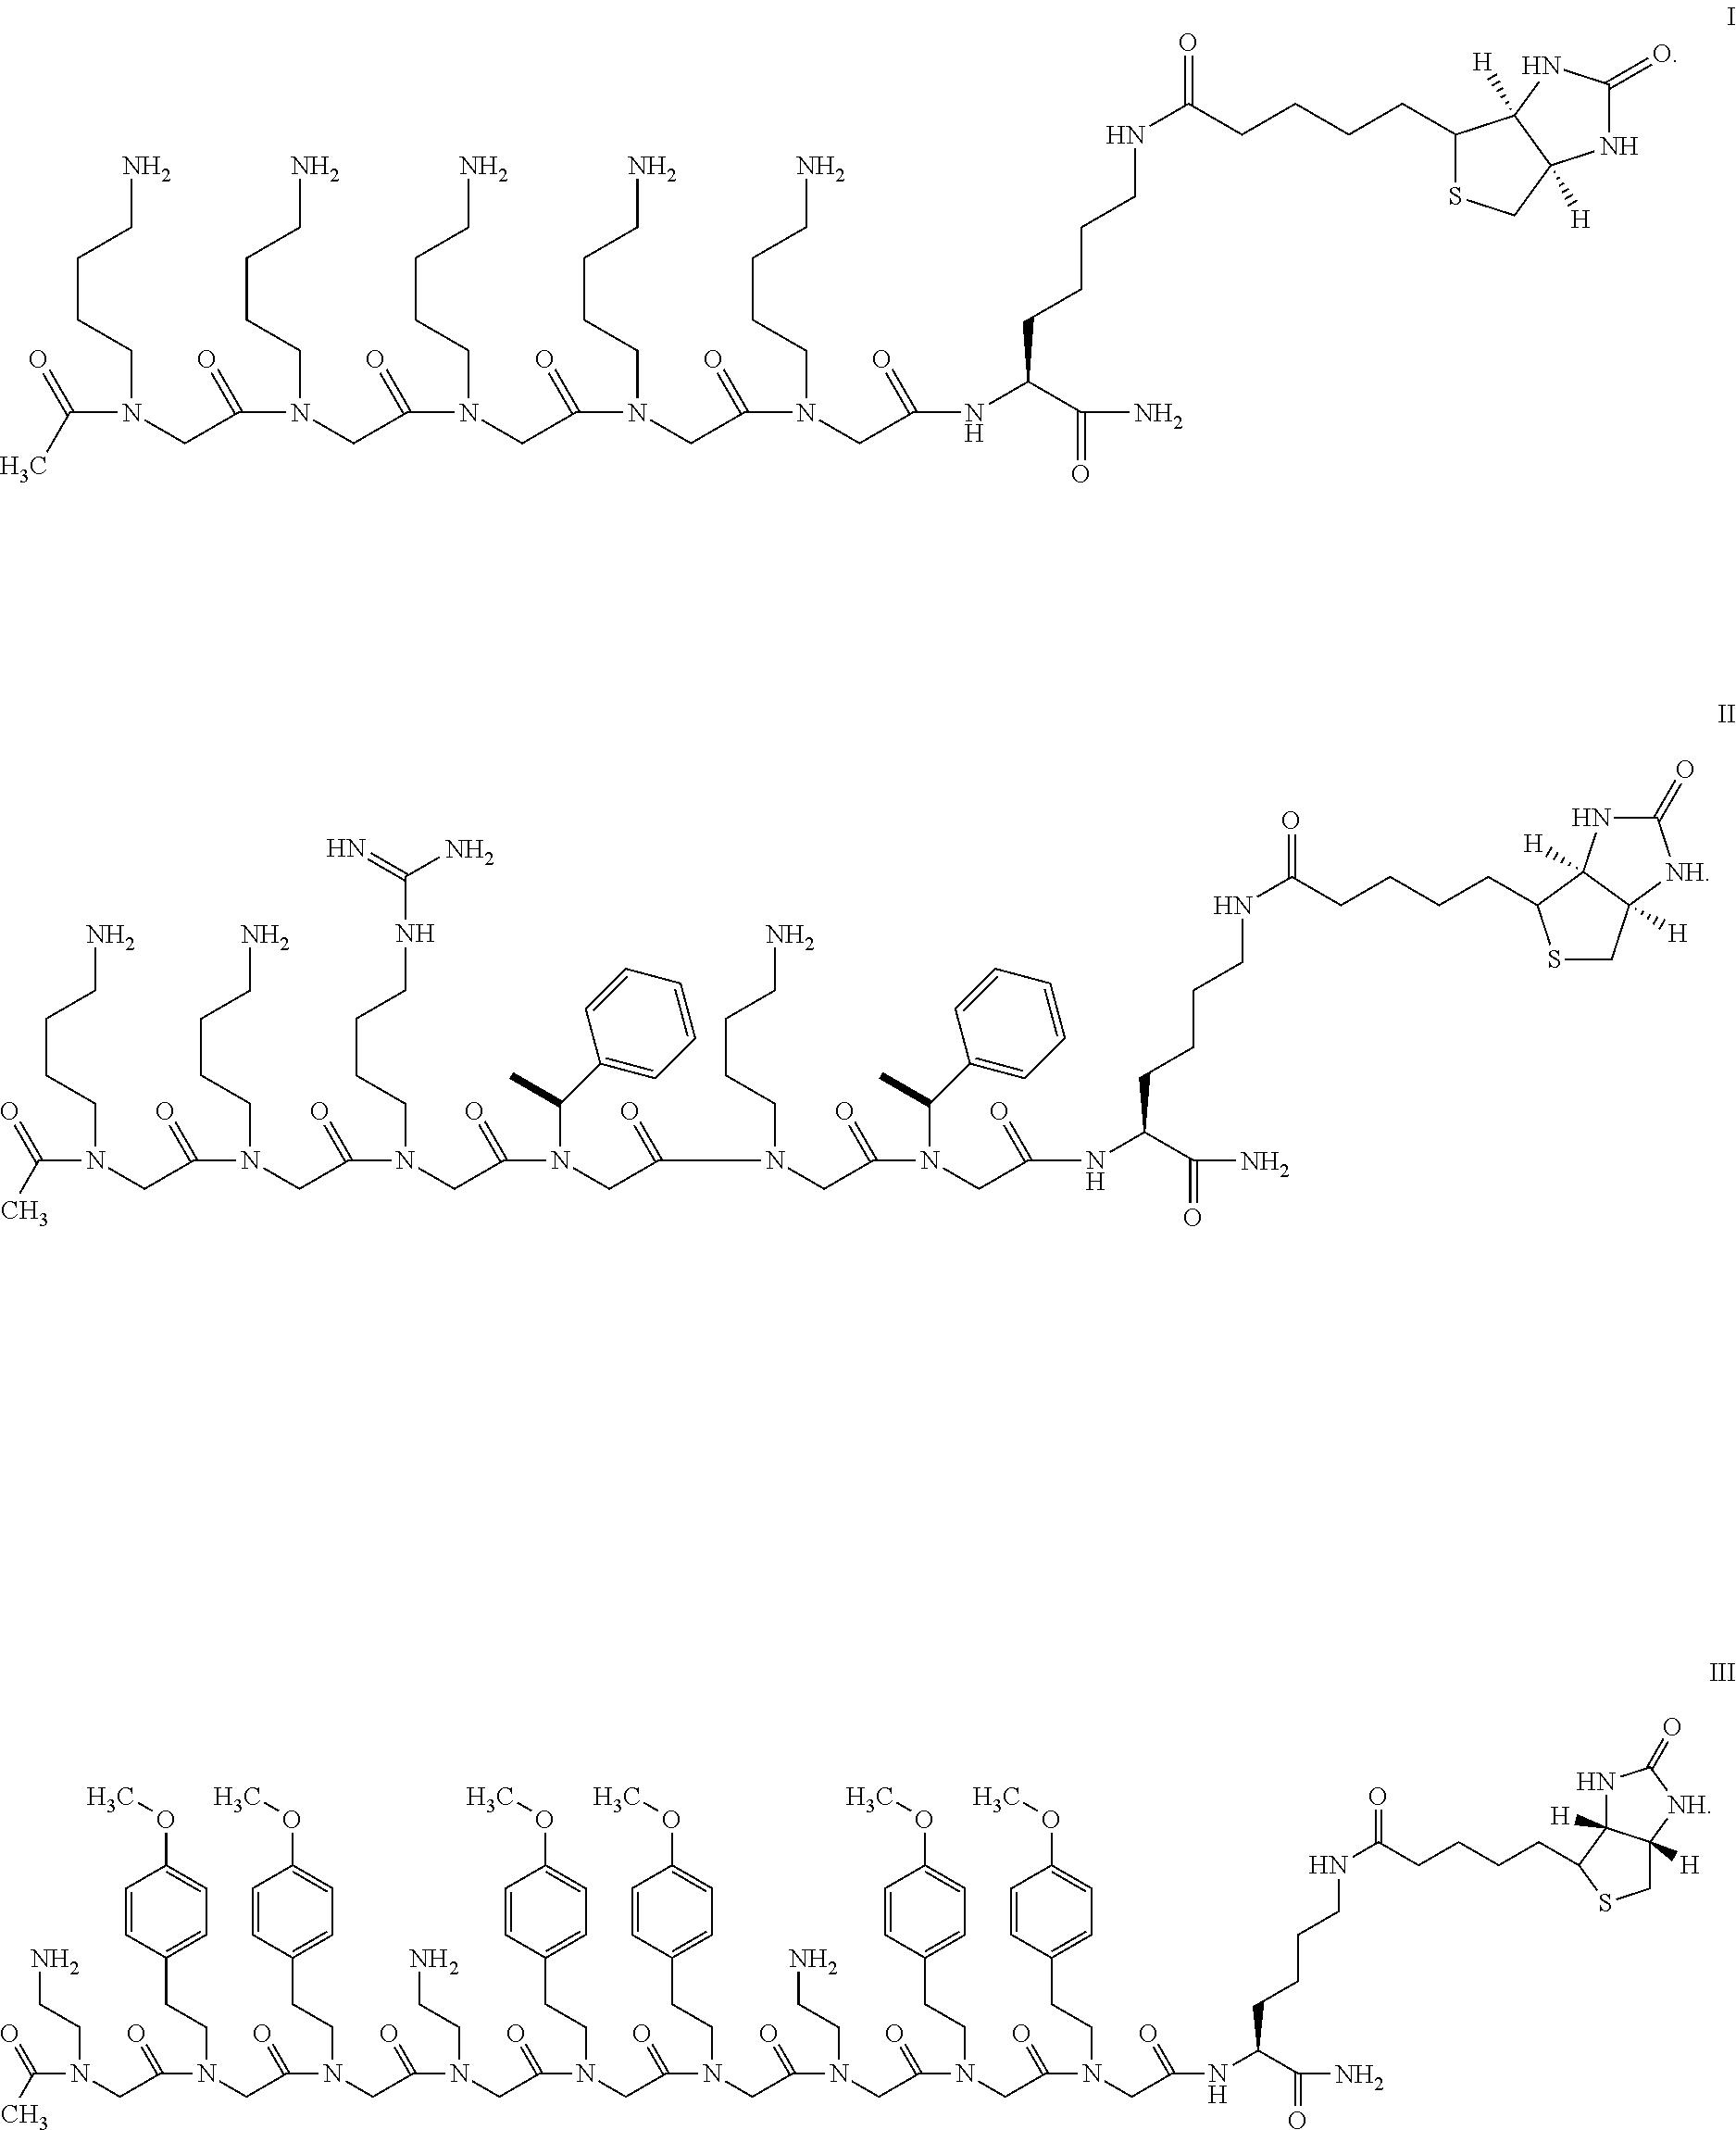 Figure US20110189692A1-20110804-C00013